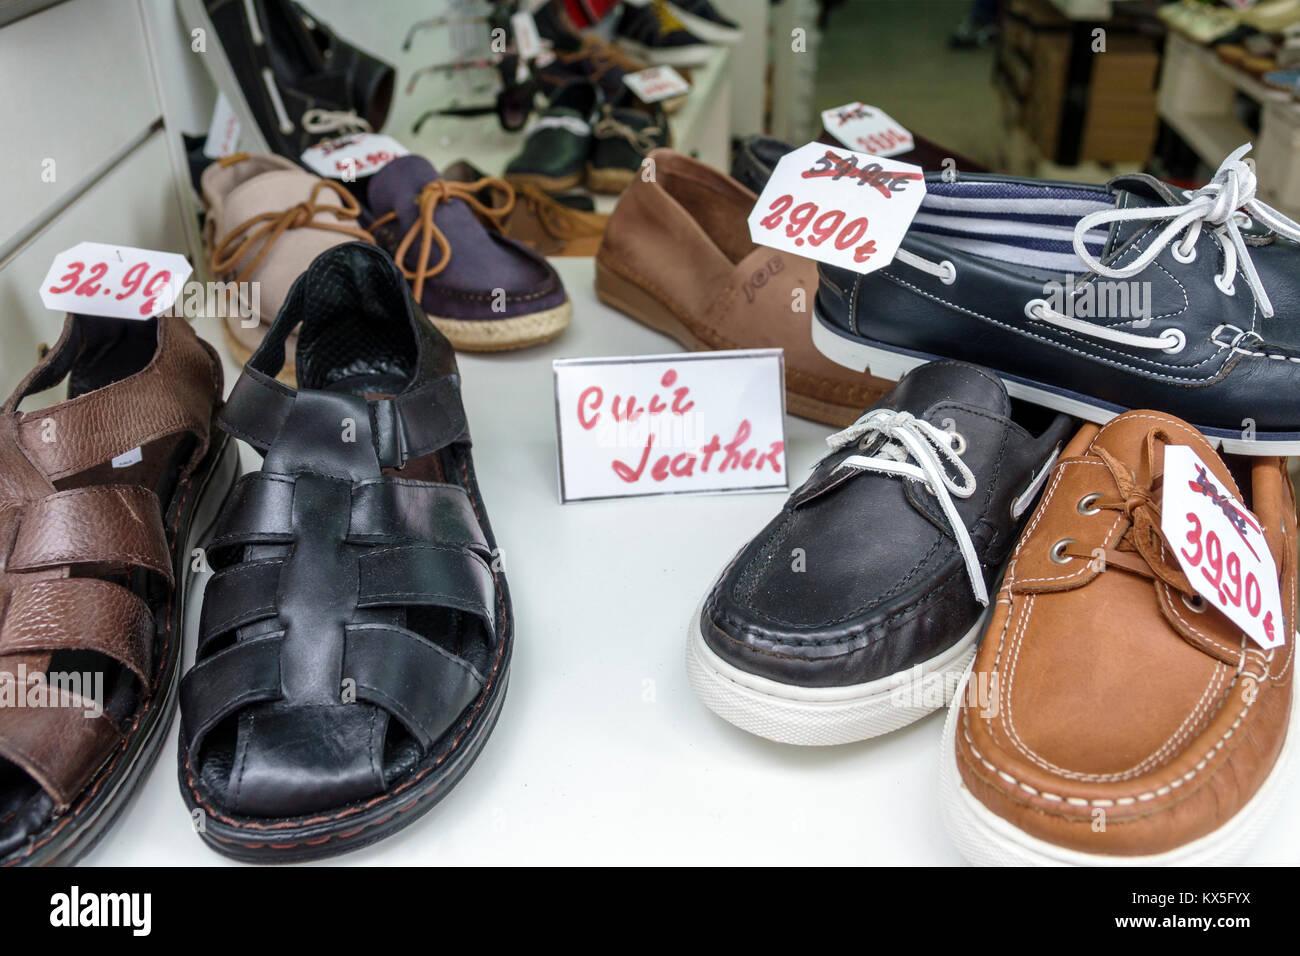 Porto Portogallo Baixa centro storico negozio scarpe negozi di calzature  scarpe uomo visualizzazione finestra di Immagini 6c9dbb50c2d